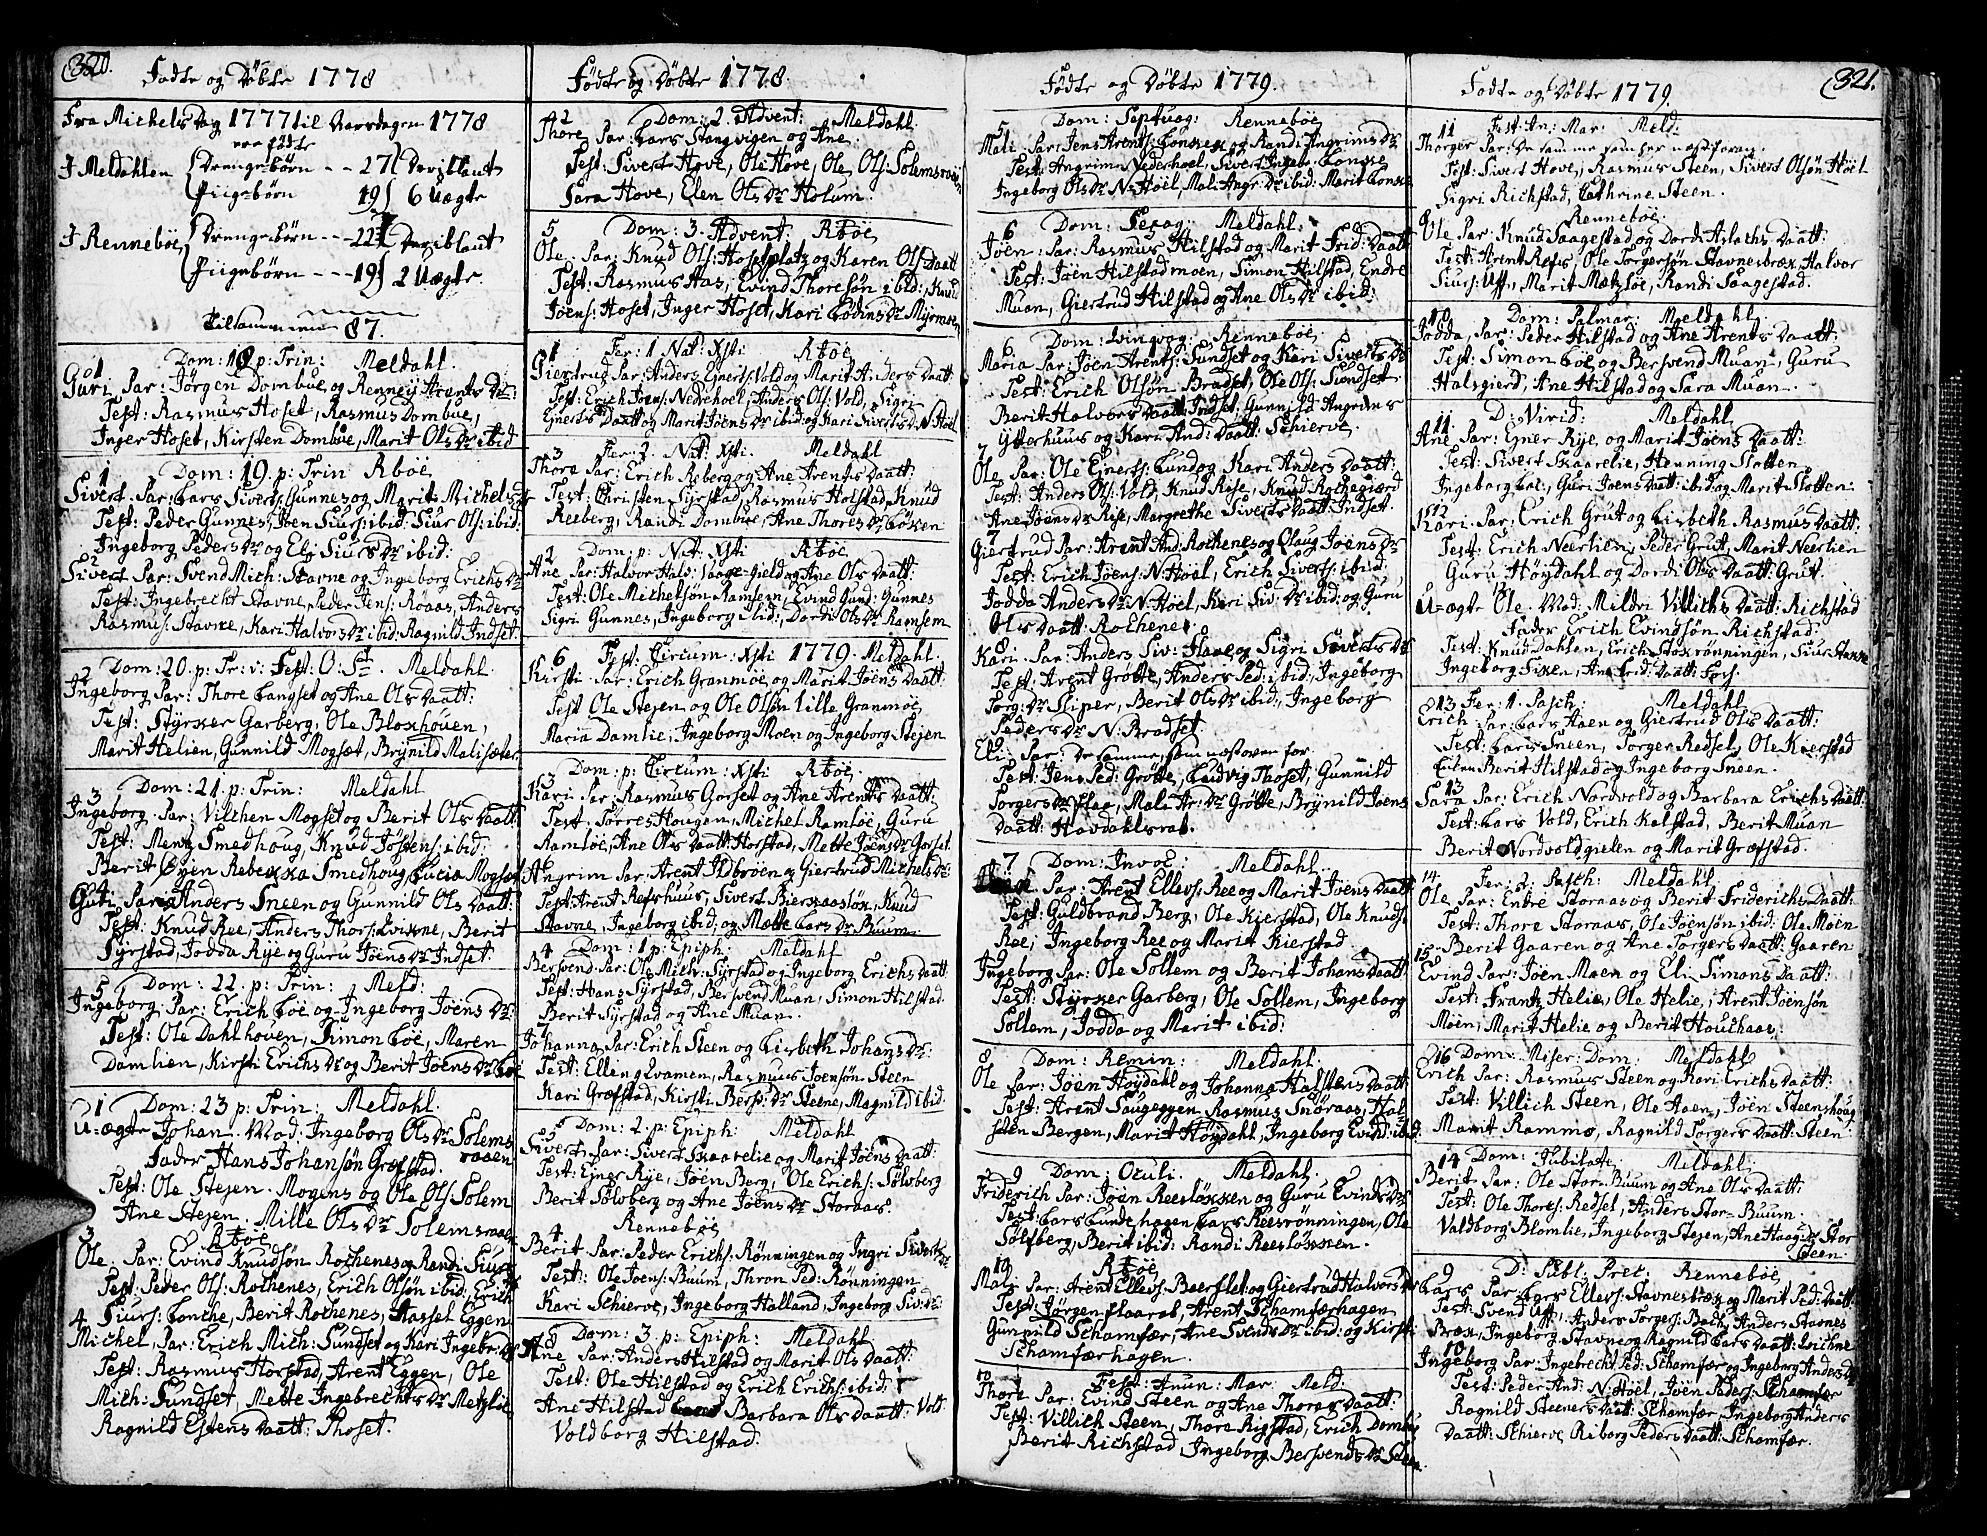 SAT, Ministerialprotokoller, klokkerbøker og fødselsregistre - Sør-Trøndelag, 672/L0852: Ministerialbok nr. 672A05, 1776-1815, s. 320-321